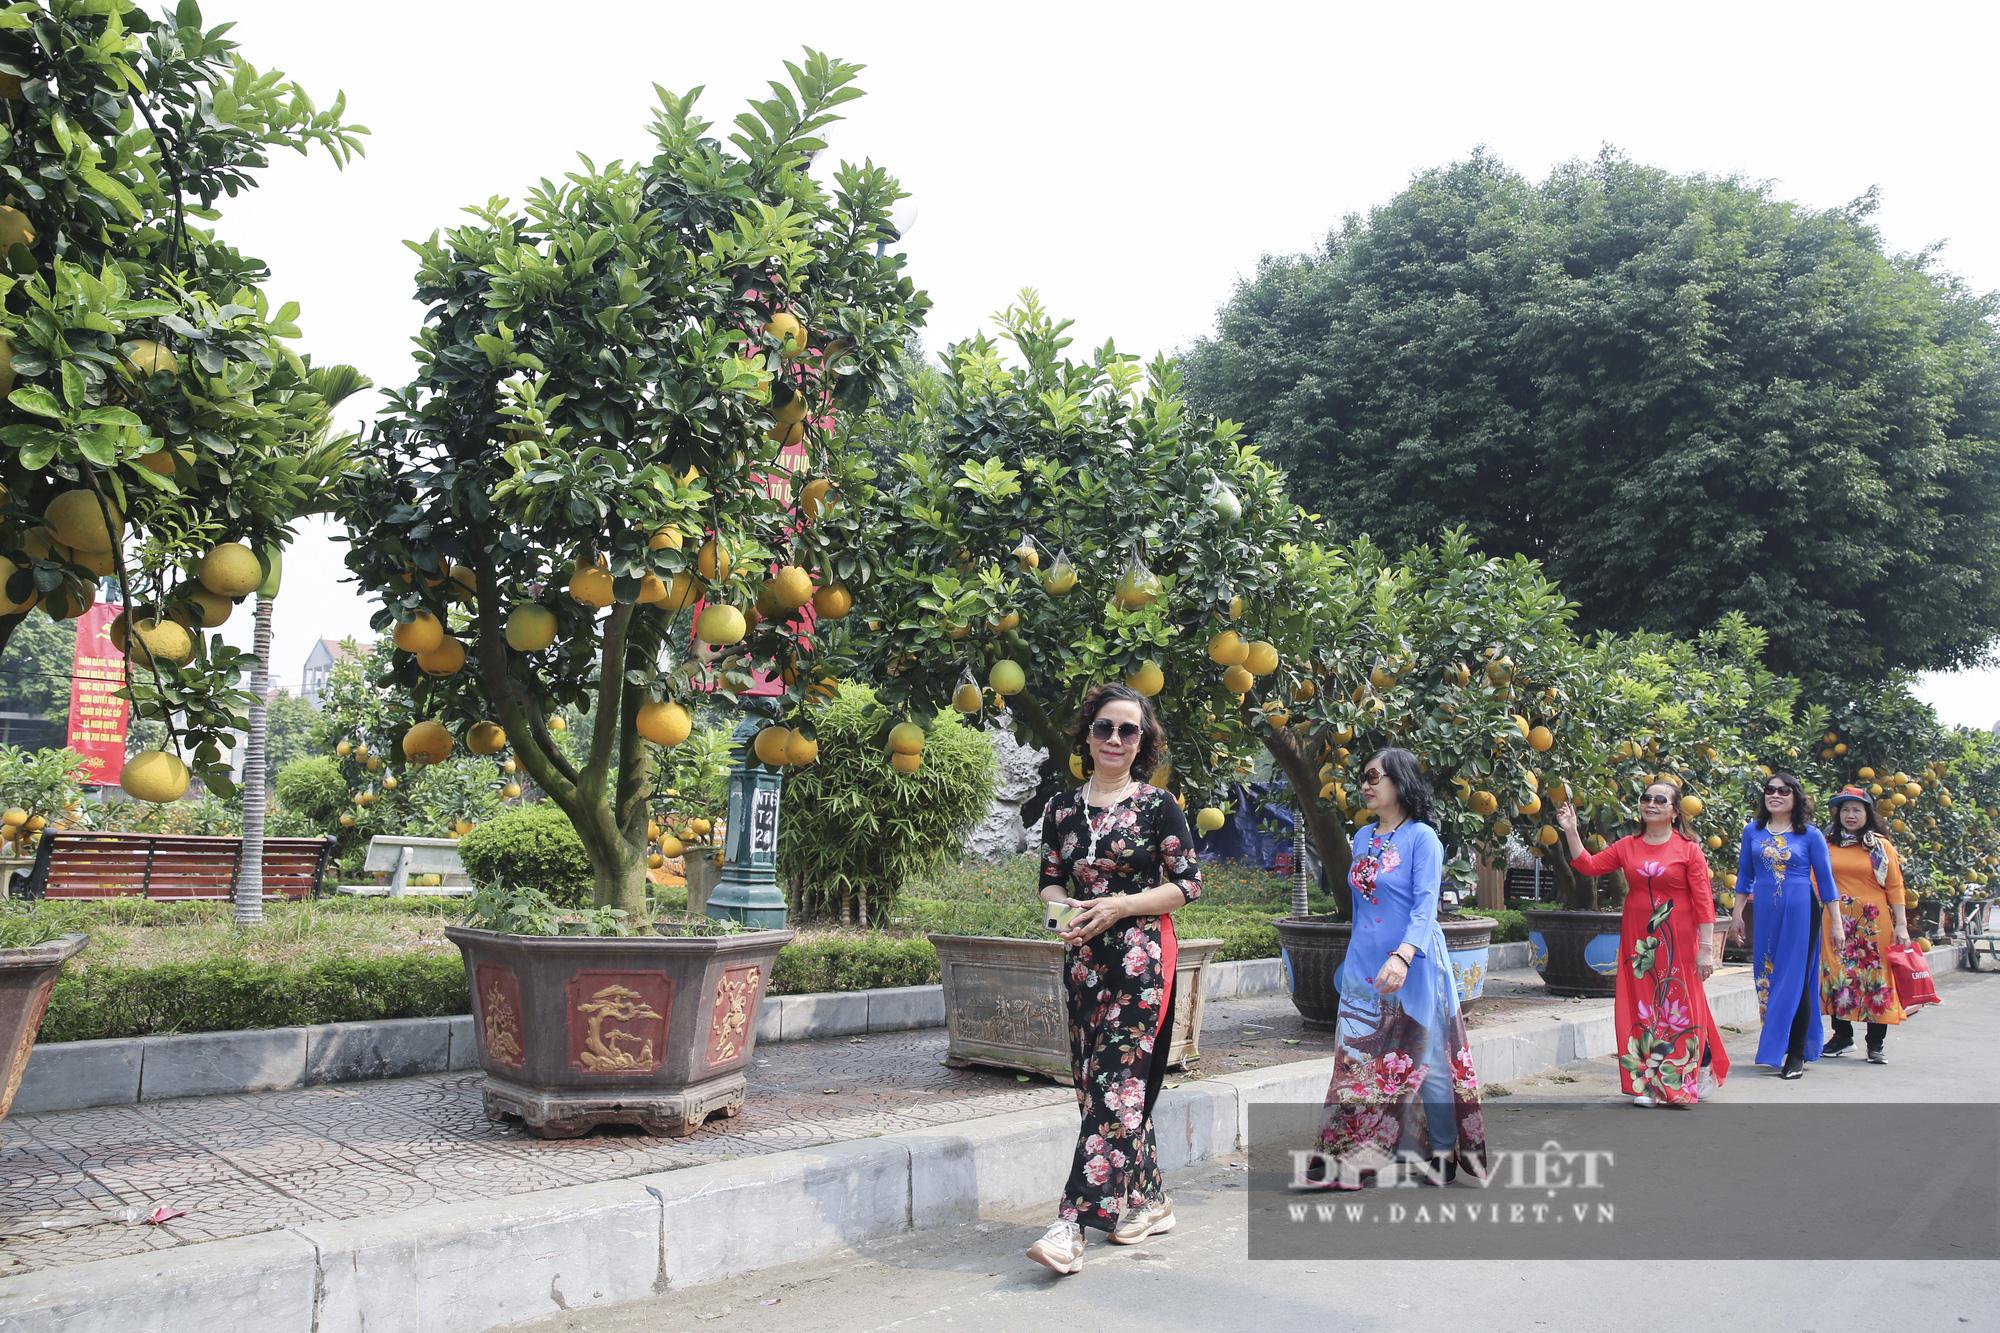 Bưởi cảnh trĩu quả giá chục triệu xuất hiện tại đường phố Hà Nội - Ảnh 4.